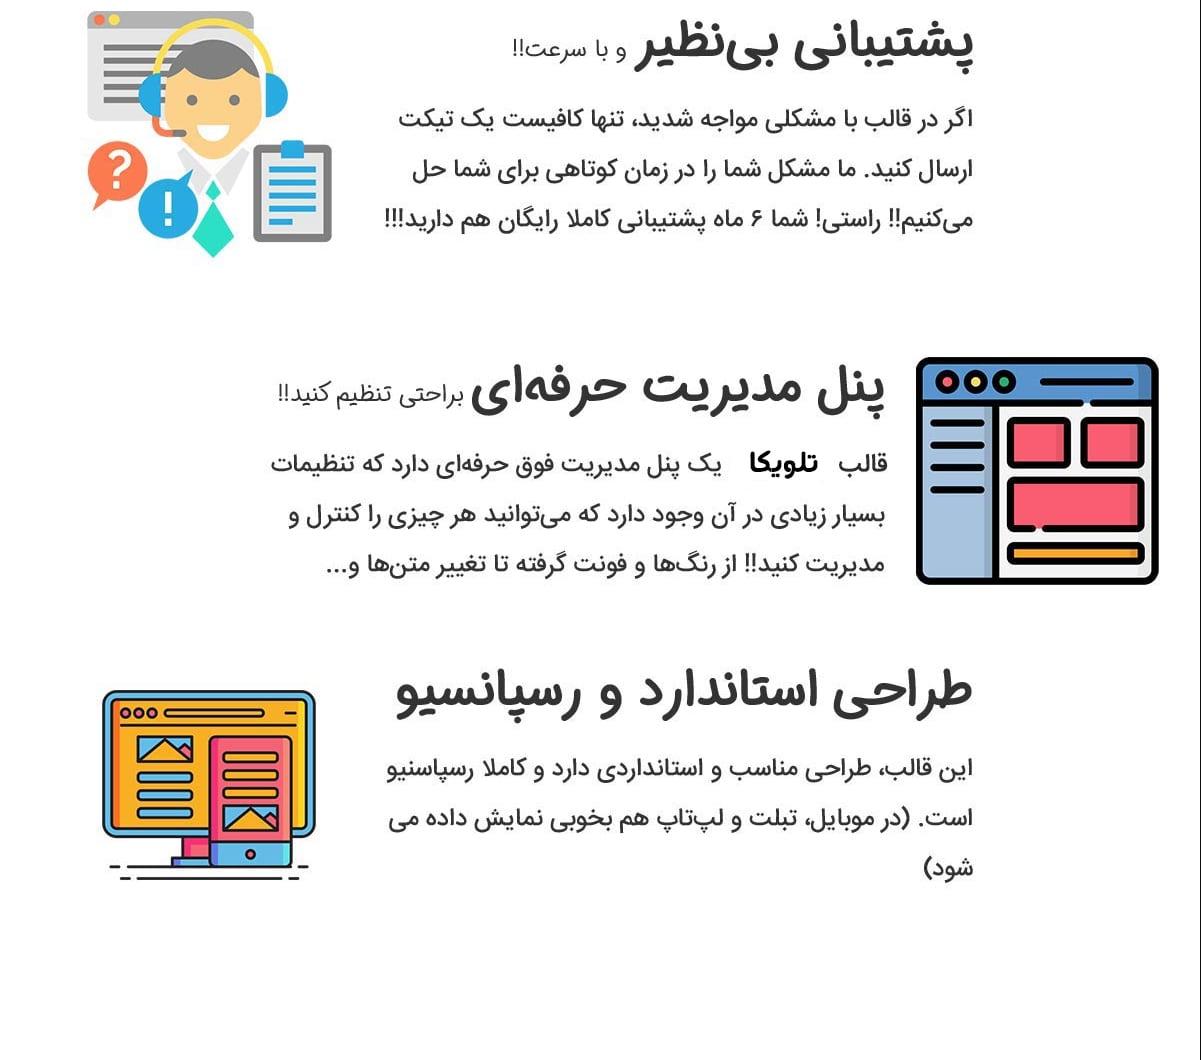 قالب وردپرس فروش فالوور اینستاگرام و ممبر تلگرام تلویکا